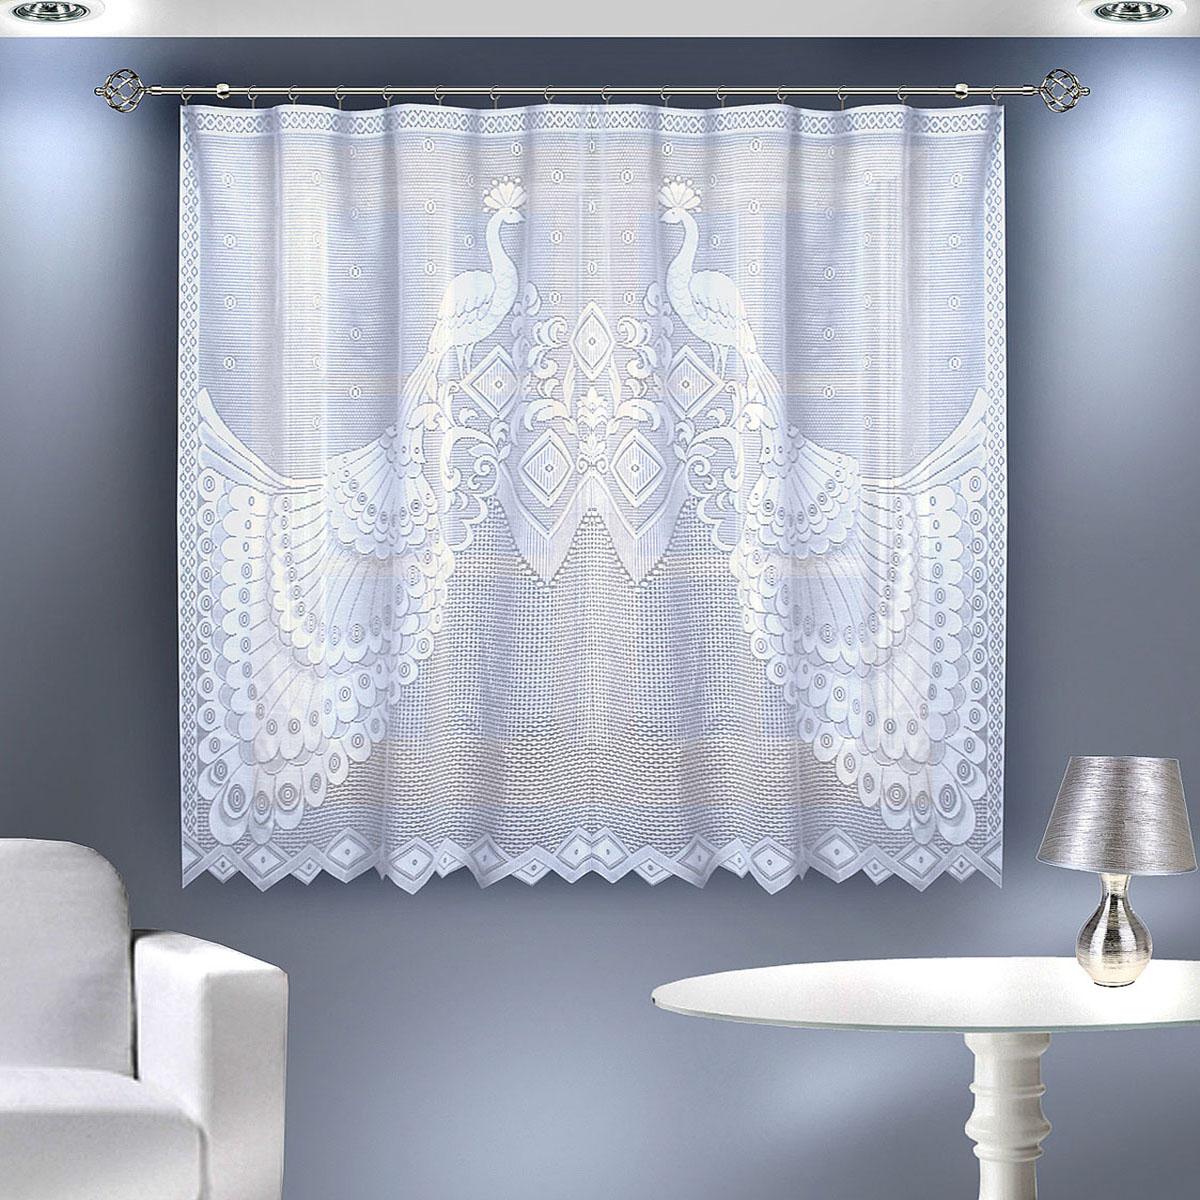 Гардина Zlata Korunka, цвет: белый, ширина 200 см, высота 145 см55561Гардина из тюле-кружевного полотна, крепление через прорези,сделанные в верхней части или на зажим для штор. Размеры: 200*145